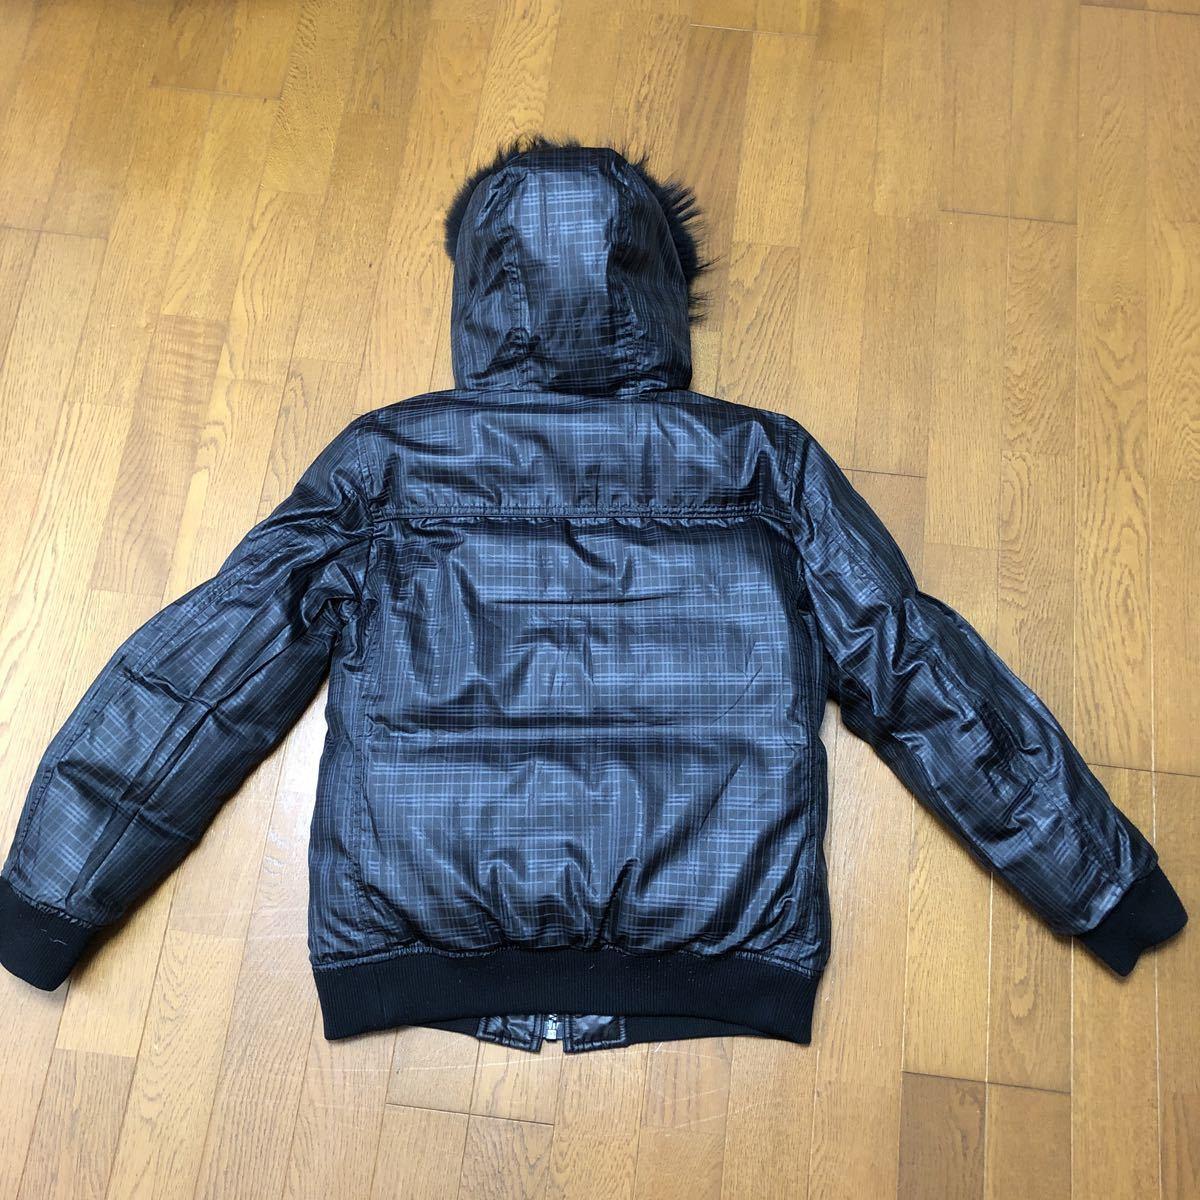 BURBERRY BLACK LABEL バーバリーブラックレーベル ダウンジャケット ブラック